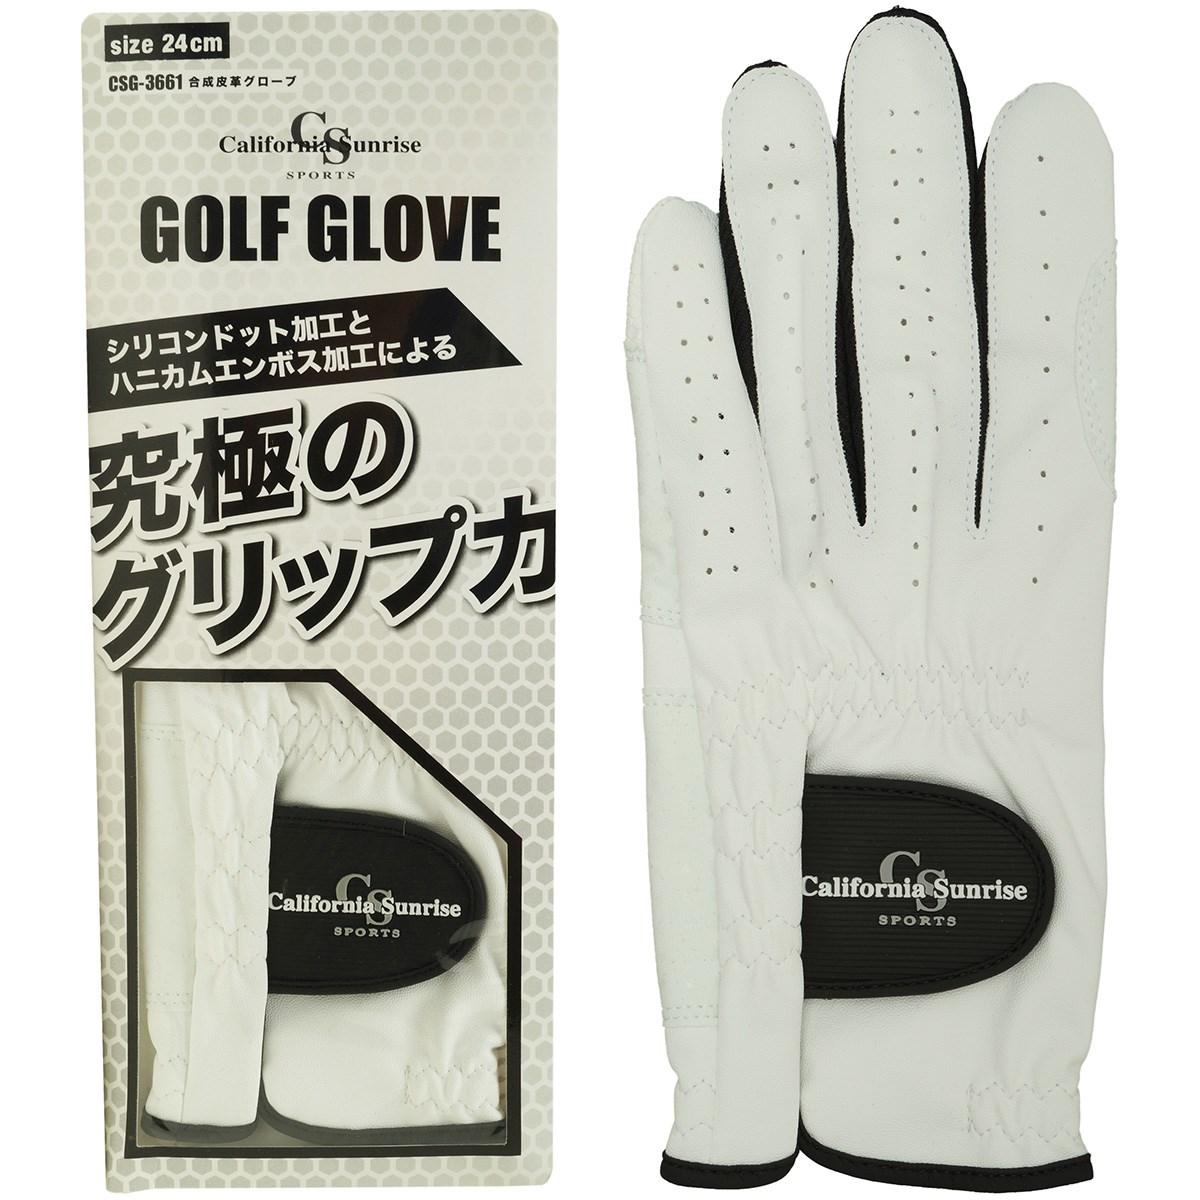 朝日ゴルフ用品(ASAHI GOLF CO.,LTD) カリフォルニアサンライズ グローブ